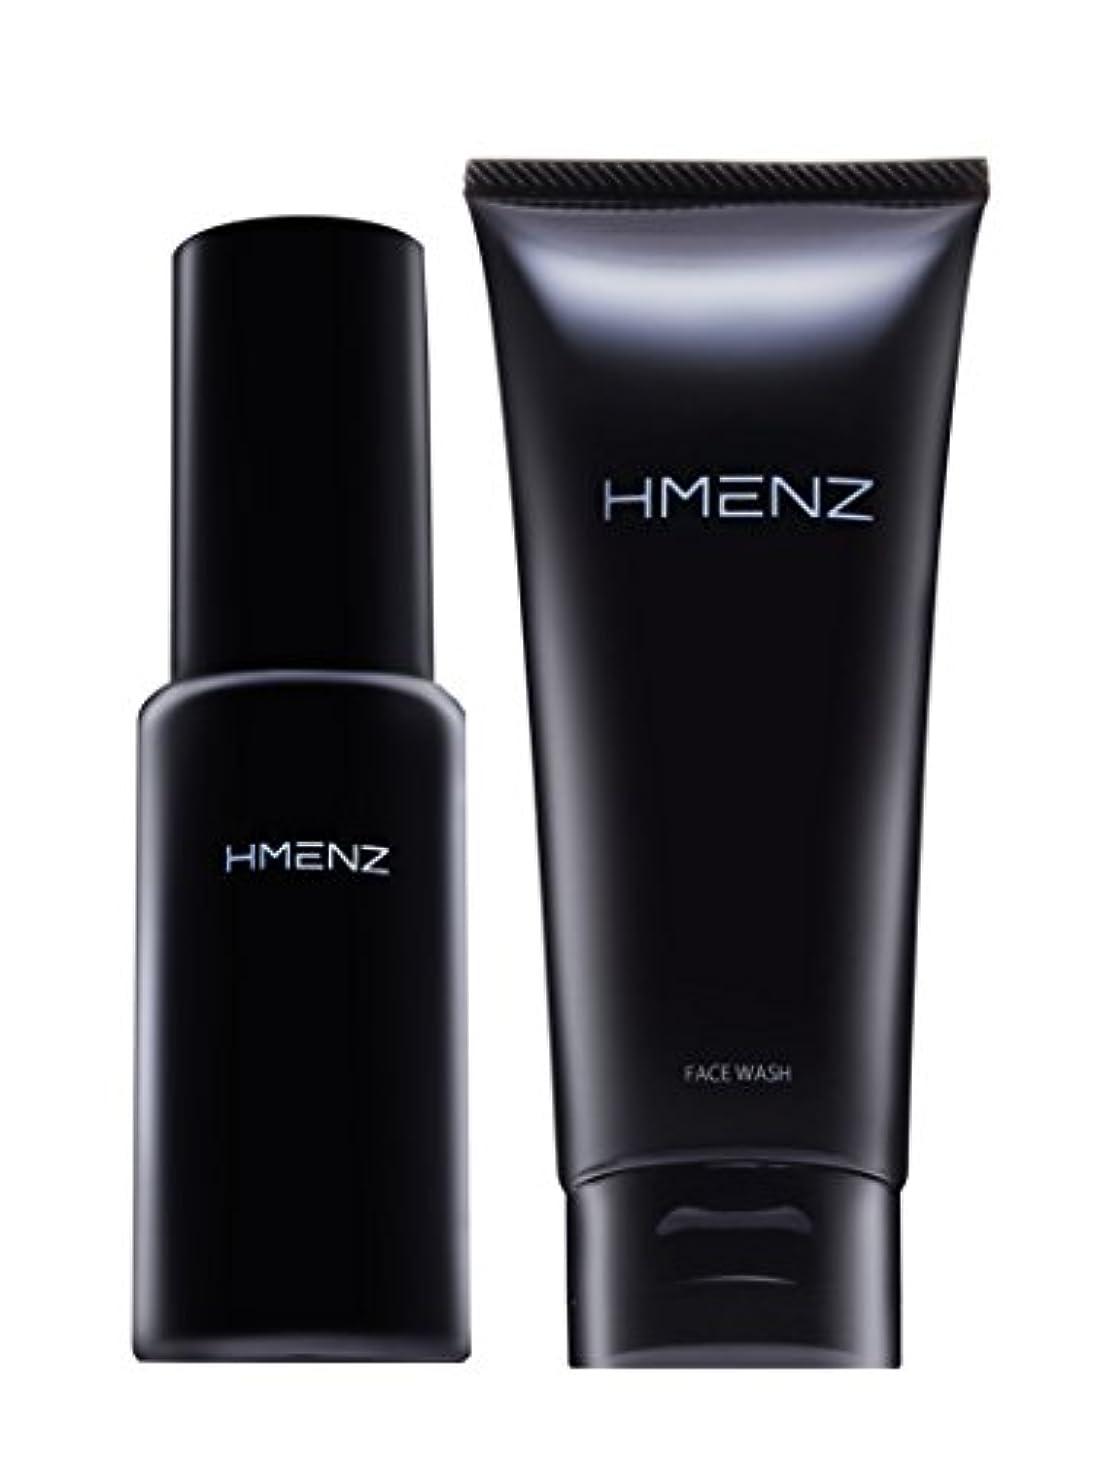 戦術タイプコンチネンタル医薬部外品【 スキンケア セット 】HMENZ メンズ 洗顔 & 美容液 乾燥肌 対策 保湿 (無添加 シミ対策 ニキビ対策 エイジングケア) 洗顔 オールインワン ジェル 100g&50ml